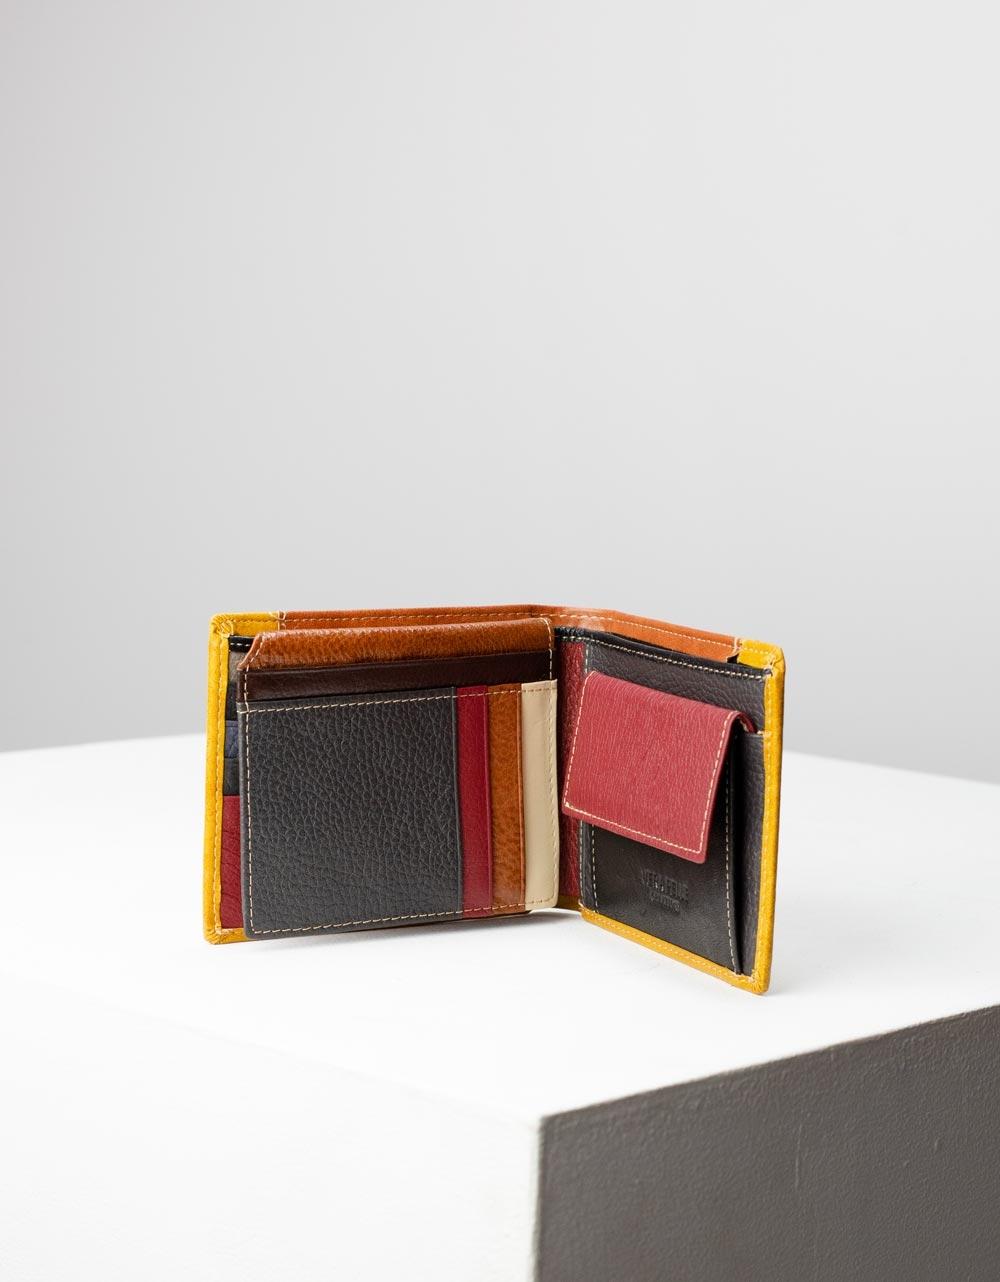 Εικόνα από Ανδρικά δερμάτινα πορτοφόλια σε συνδιασμό χρωμάτων Κάμελ